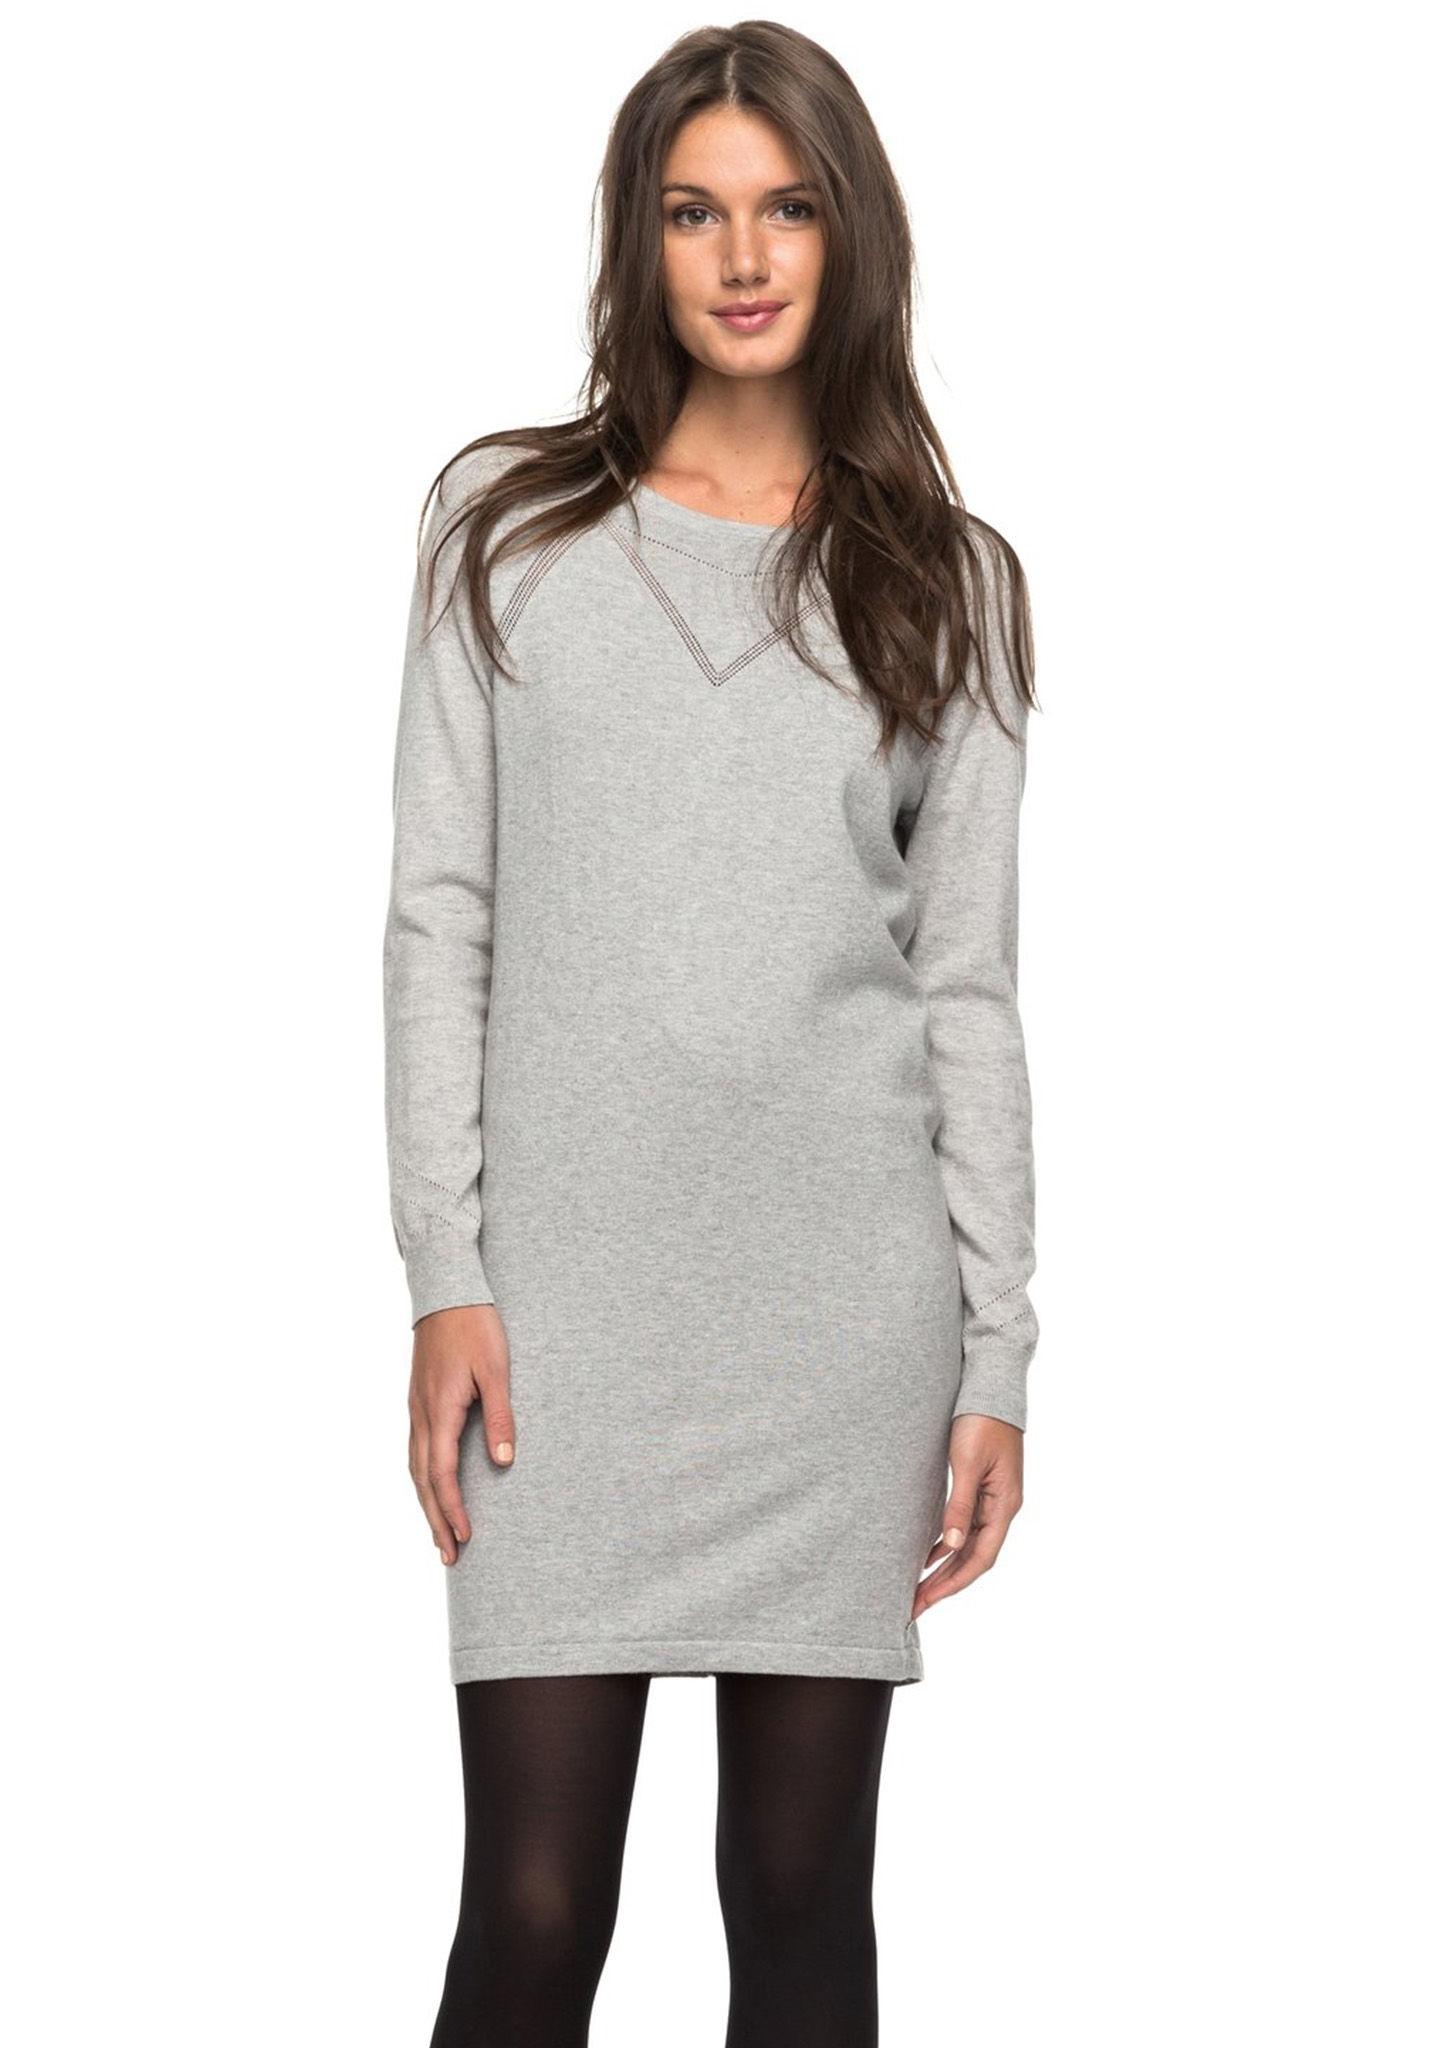 Formal Fantastisch Herbst Kleider Damen Vertrieb13 Leicht Herbst Kleider Damen Design